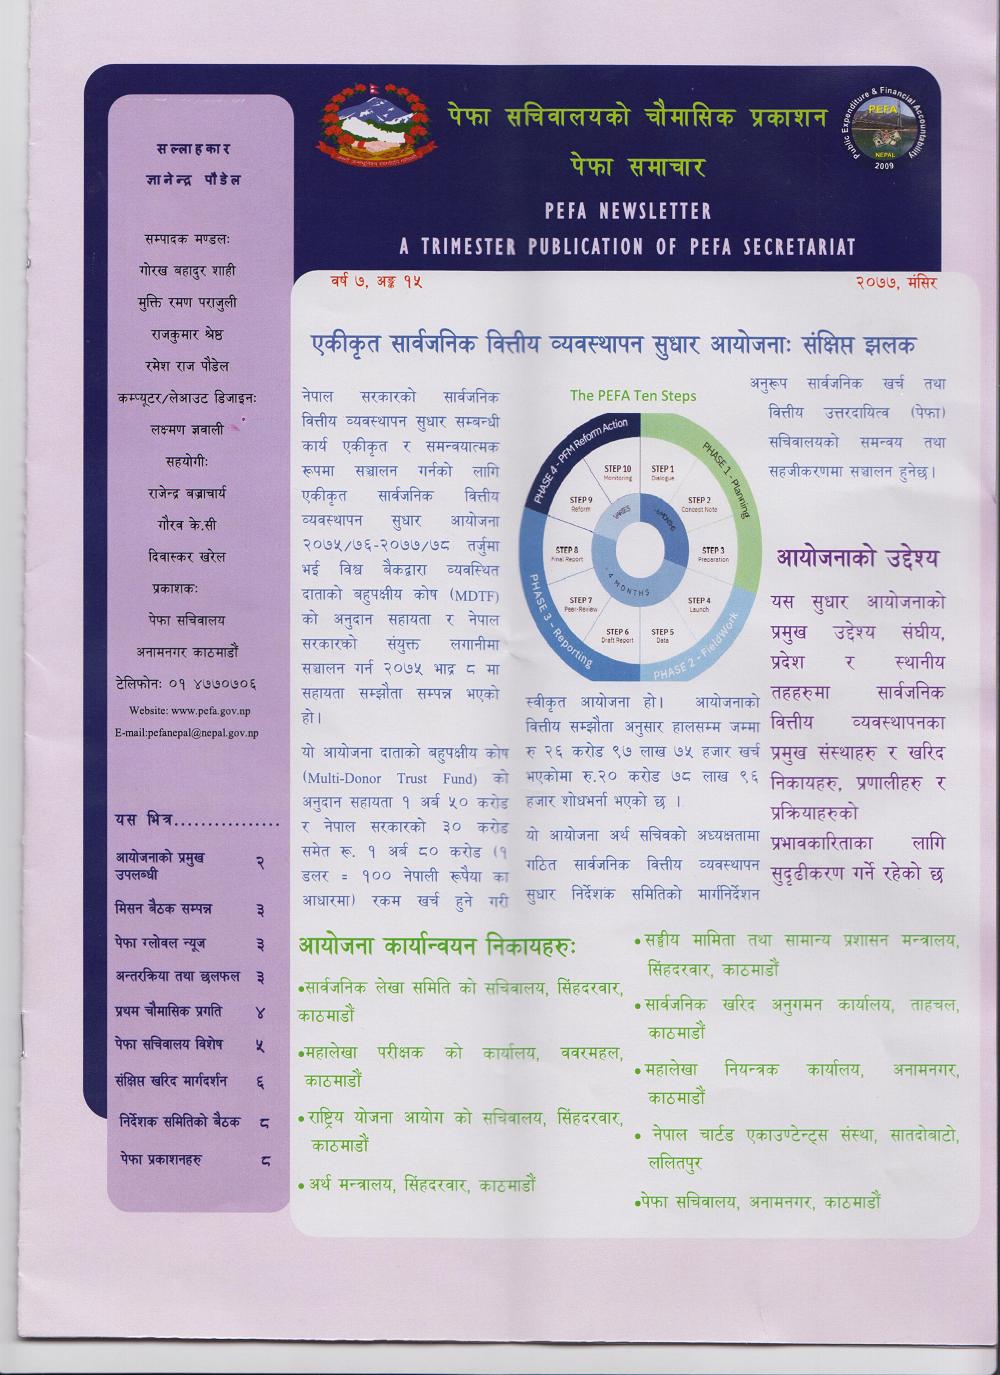 PEFA Newsletter volume 15